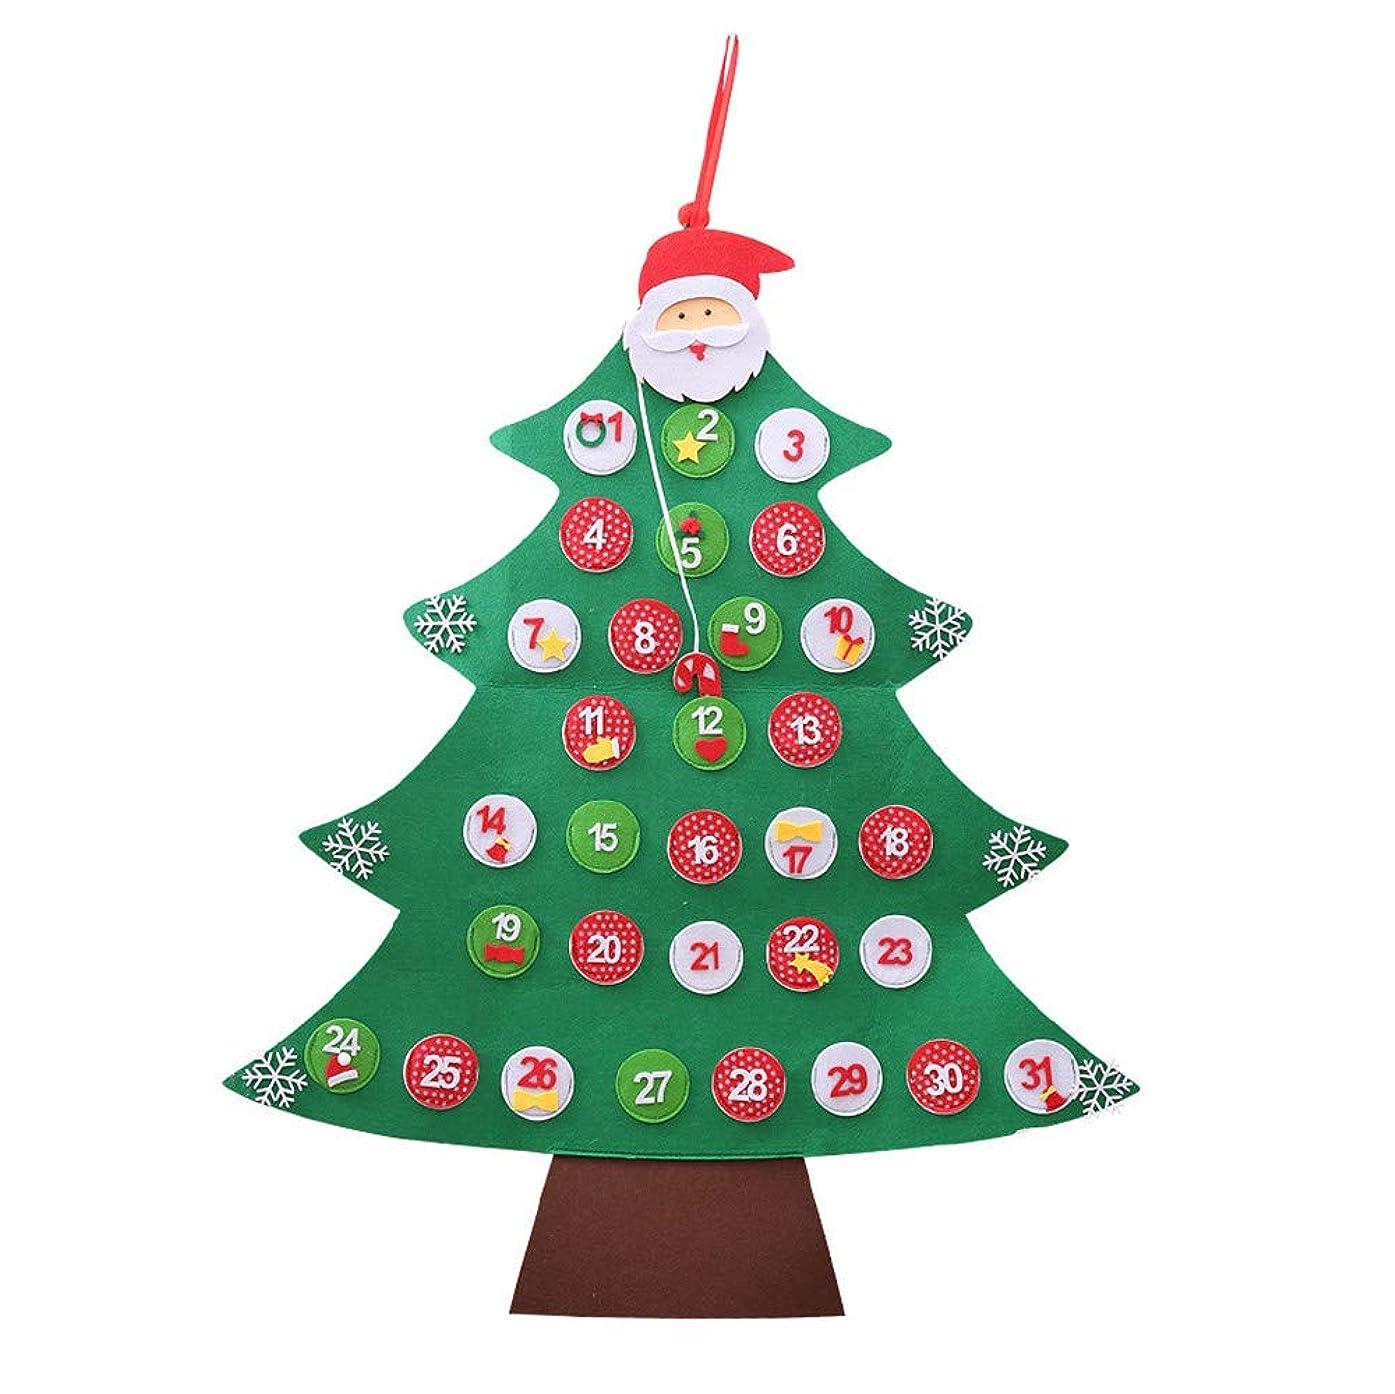 手順契約する物理的な新しい子供のギフトのドアの壁掛けのための装飾クリスマスとクリスマスツリーカレンダー クリスマスツリー 子供の贈り物 クリスマスツリー 子供のパズル ステレオコンビネーション ギフト デコレーション (マルチカラー)